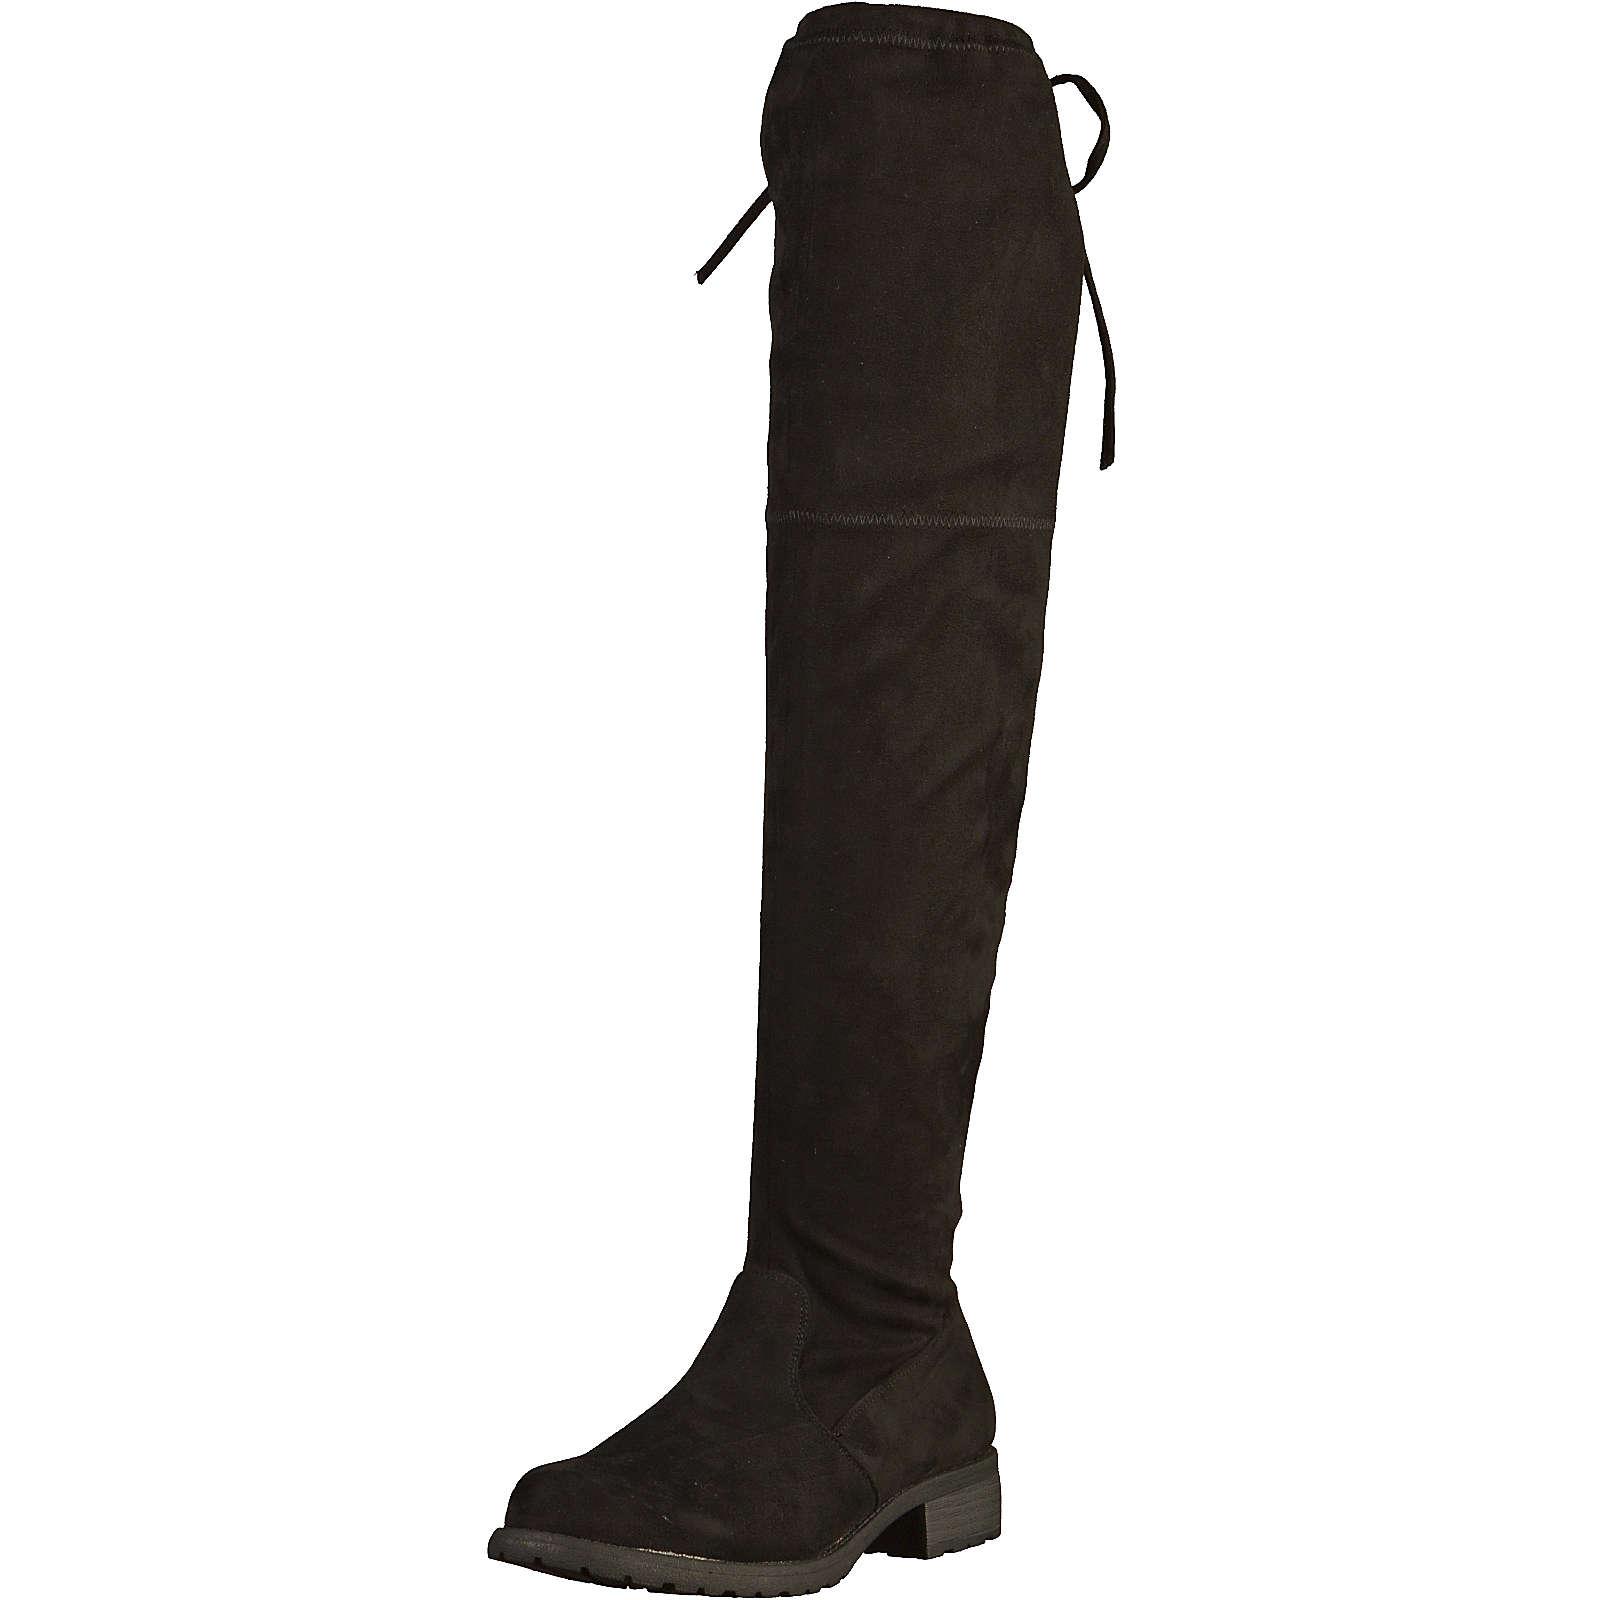 Stiefel Klassische Stiefel schwarz Damen Gr. 41